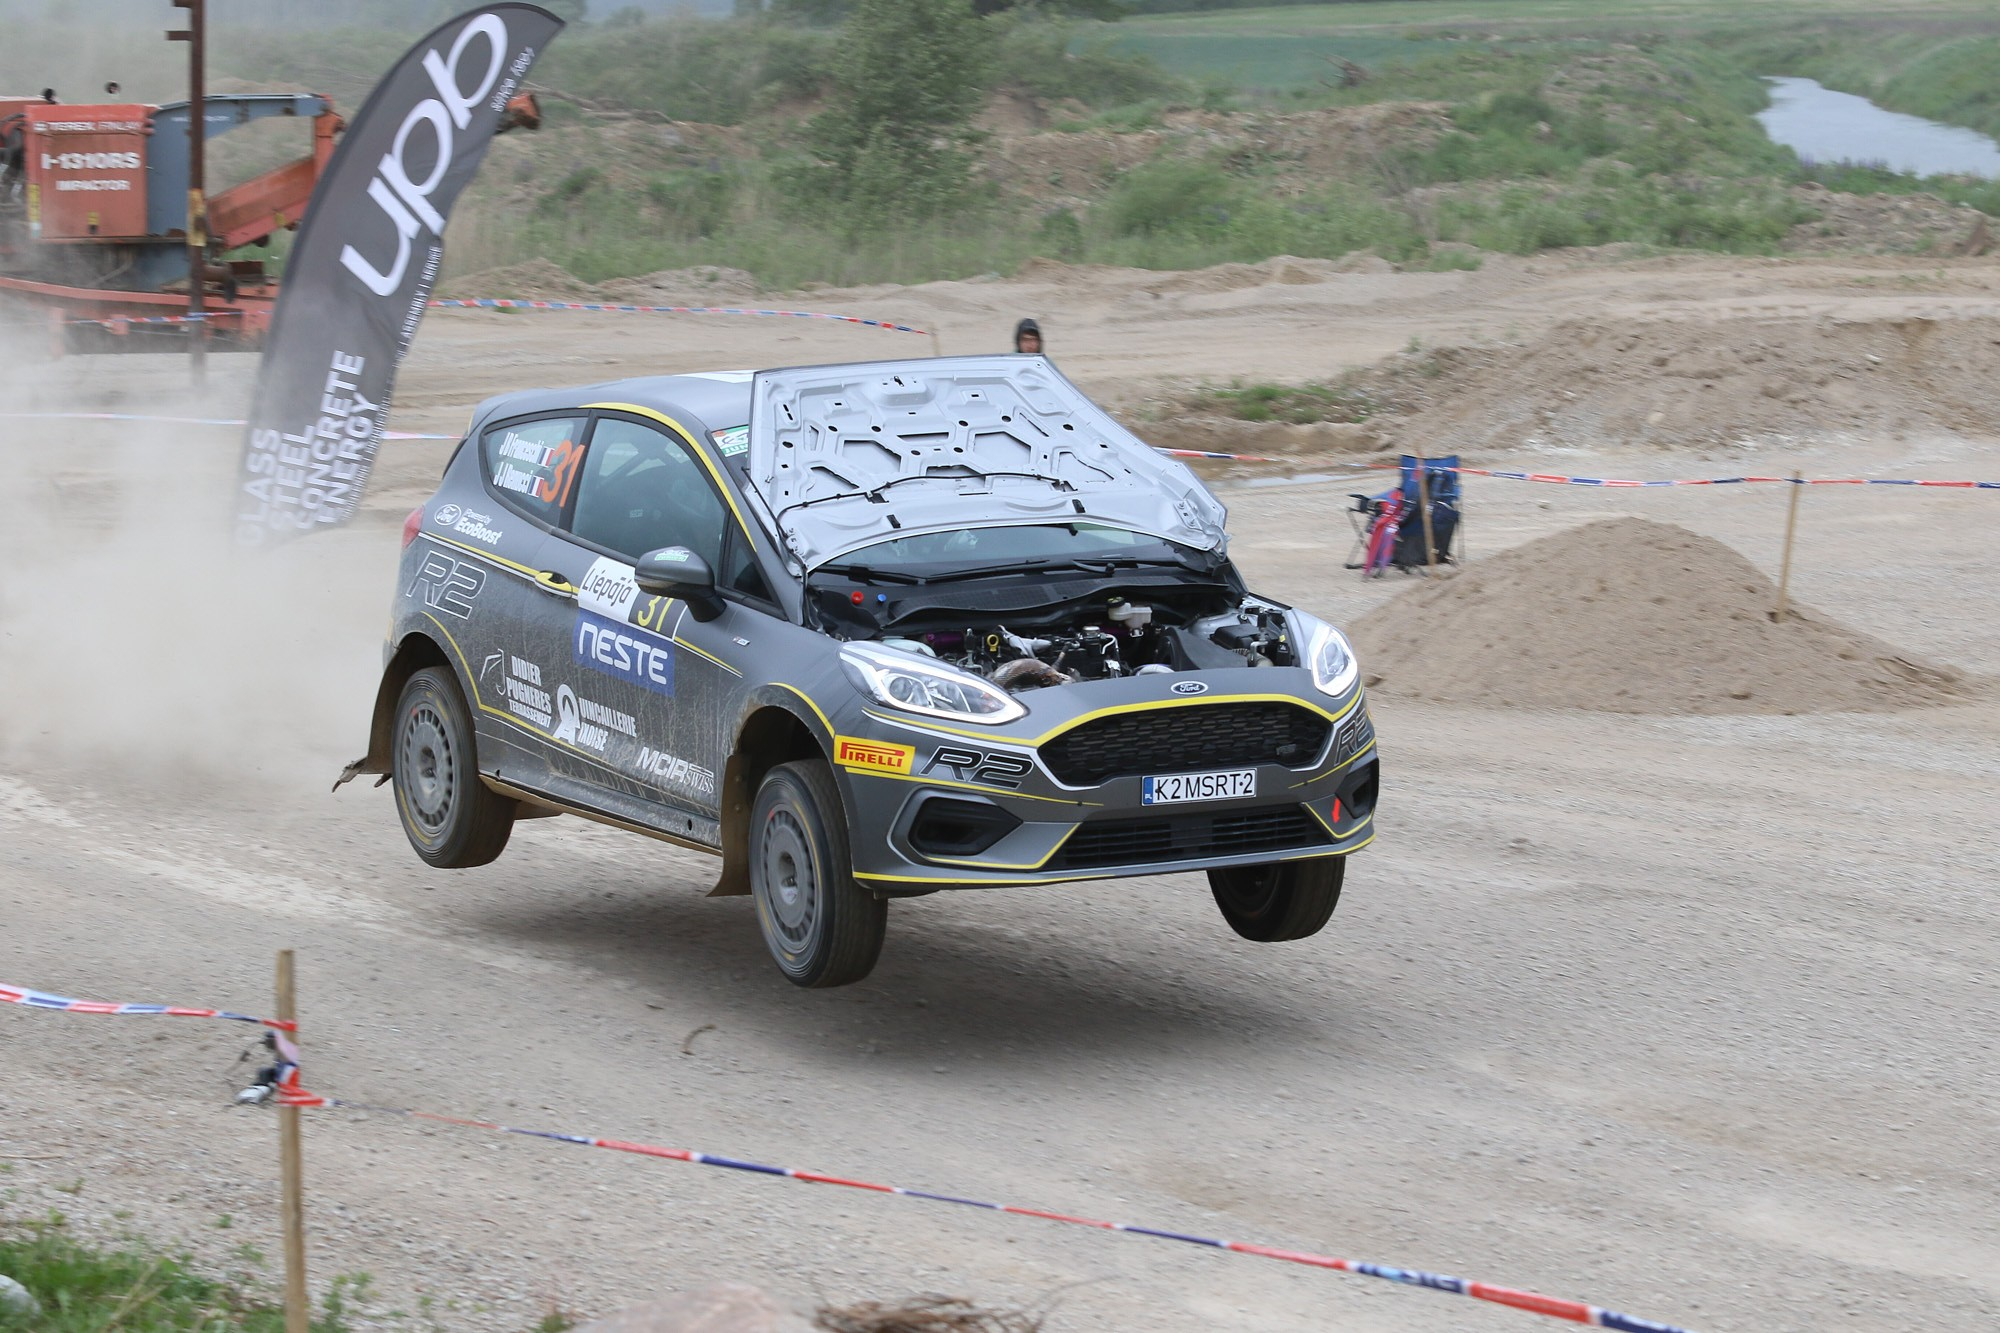 Autosportisti demonstrē meistarību ātrumsposmos mūspusē